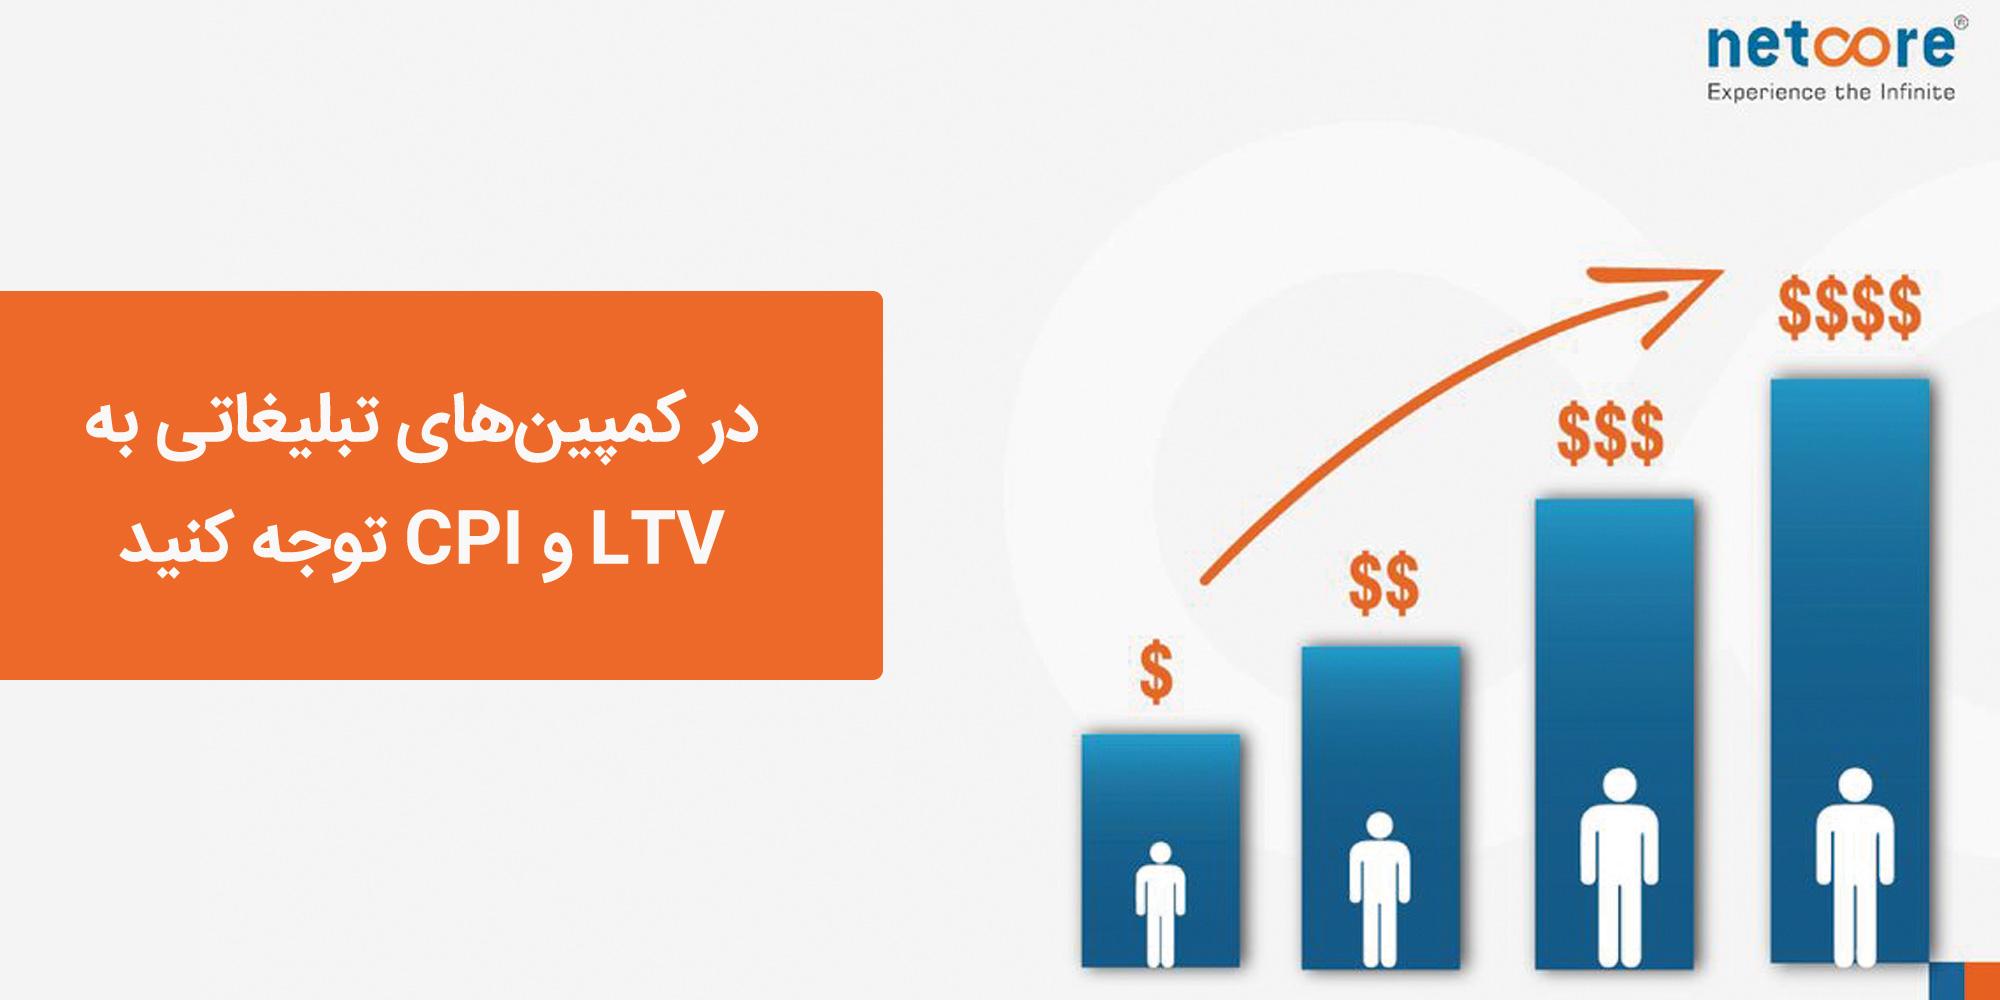 کمپینهای تبلیغاتیLTV و CPI